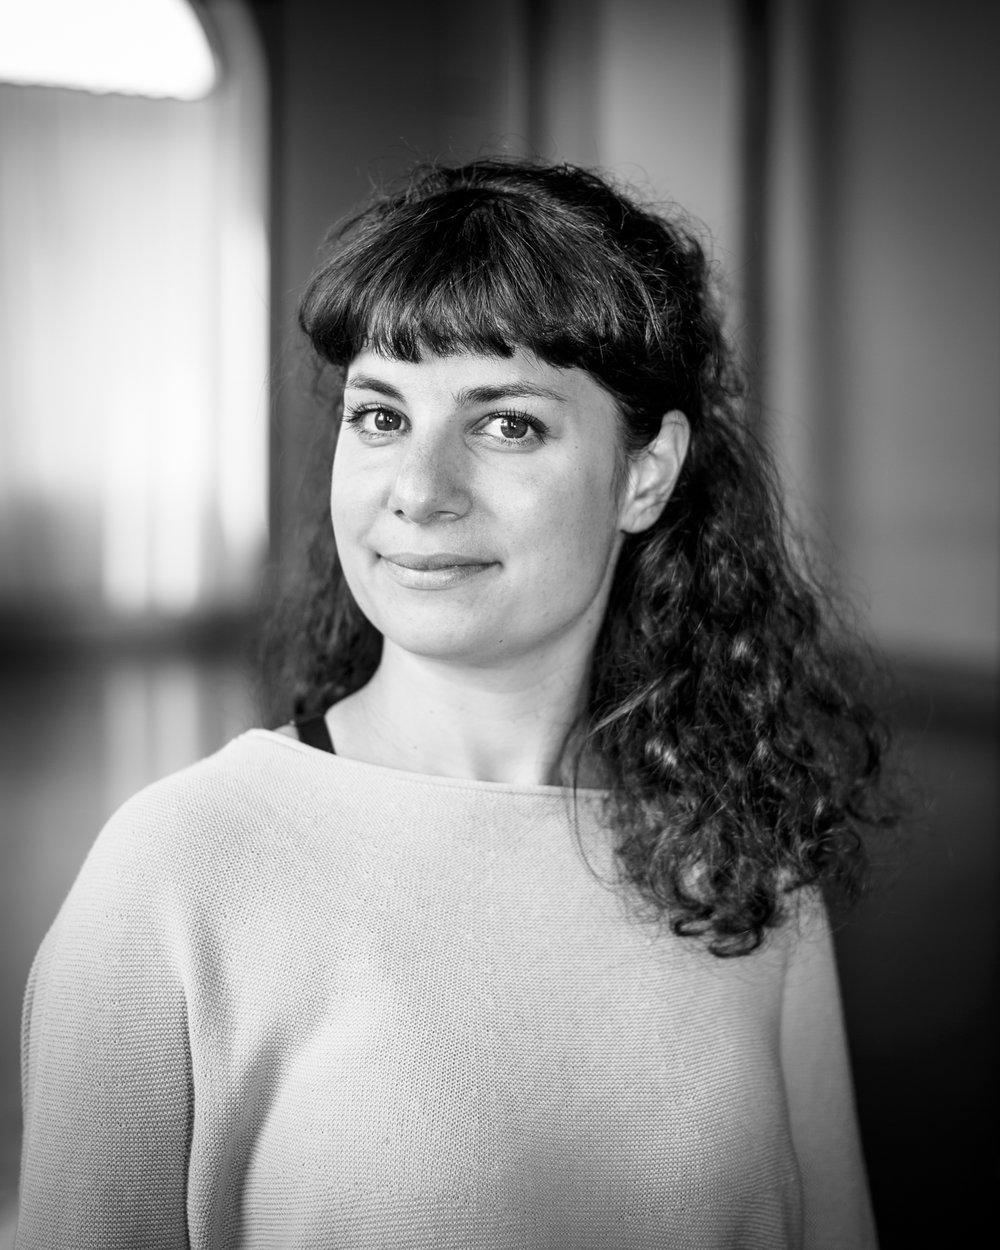 Noelia Tajes - Directrice Artistique, Chorégraphe & Choréologue(FR)Née à Delémont (JU), Noelia Tajes est hispano-suisse basée à Genève. Elle est choréologue, directrice artistique et chorégraphe de la compagnie de danse NoTa and Guests.Elle est diplômée de la Haute école de travail social (HETS) de Genève (CH), titulaire d'un BA en animation socioculturelle (2007-2012). Triple Lauréat de la Fondation Hélène & Victor Barbour, elle saisit l'occasion pour approfondir son développement en danse à Trinity Laban Conservatoire of Music & Dance, obtenant ainsi les diplômes Diploma in Dance Studies(2013) et Master in Creative Practice ; Dance Professional Practice(2015). Noelia Tajes rentre en Suisse pour travailler avec la compagnie de danse NoTa & Guests et crée deux projets de chorégraphie participative – EntreTemps (2017) & Ex'Pression (2018). Ceci en se spécialisant dans le développement de la danse avec le Specialist Diploma in Choreological Studies(2018).Noelia Tajes est une chorégraphe à la recherche artistique constante de liens entre le travail chorégraphique et les préoccupations sociales. Elle développe actuellement son travail avec des ateliers chorégraphiques, des projets de chorégraphie participative et des ateliers dédiés à l'émancipation du spectateur en utilisant la choréologie comme méthode de travail.Elle a présenté ses recherches chorégraphiques avec ; DUELO – une exploration du deuil et du duel – Théâtre de L'Etincelle à Genève en 2010. Au nom de la Cie NoTa & Guests, elle conceptualise le projet de chorégraphique participative pour les 20 ans de l'association Rinia Contact ENTRETEMPS : LES DANSES CONTEMPORAINES D'ANTAN. Ce dernier se décline en deux volets : ENTRETEMPS (2017) et EX'PRESSION (2018) qui allie parfaitement le socioculturelle à l'artistique.Noelia Tajes est sollicitée à prendre part au projet Territoires Dansés en Commun – TDC. Un ambitieux projet transfrontalier d'éducation artistique et culturelle en danse, qui se déroule de 2017 à 2020.